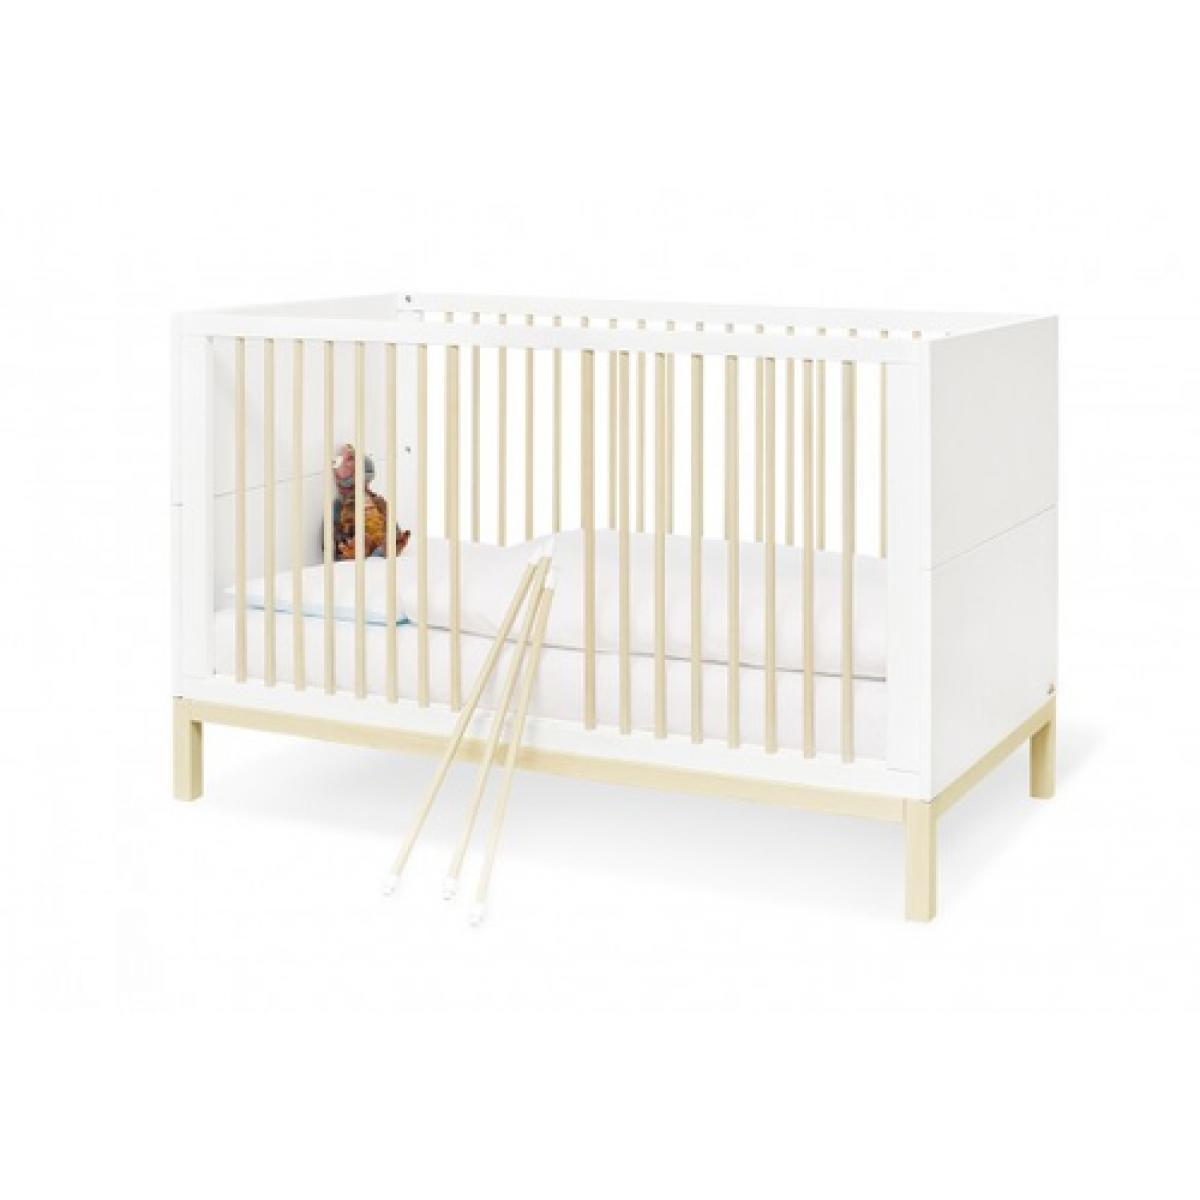 Pinolino Pinolino Ensemble Economique Skadi large 2 pièces lit de bébé évolutif commode à langer large